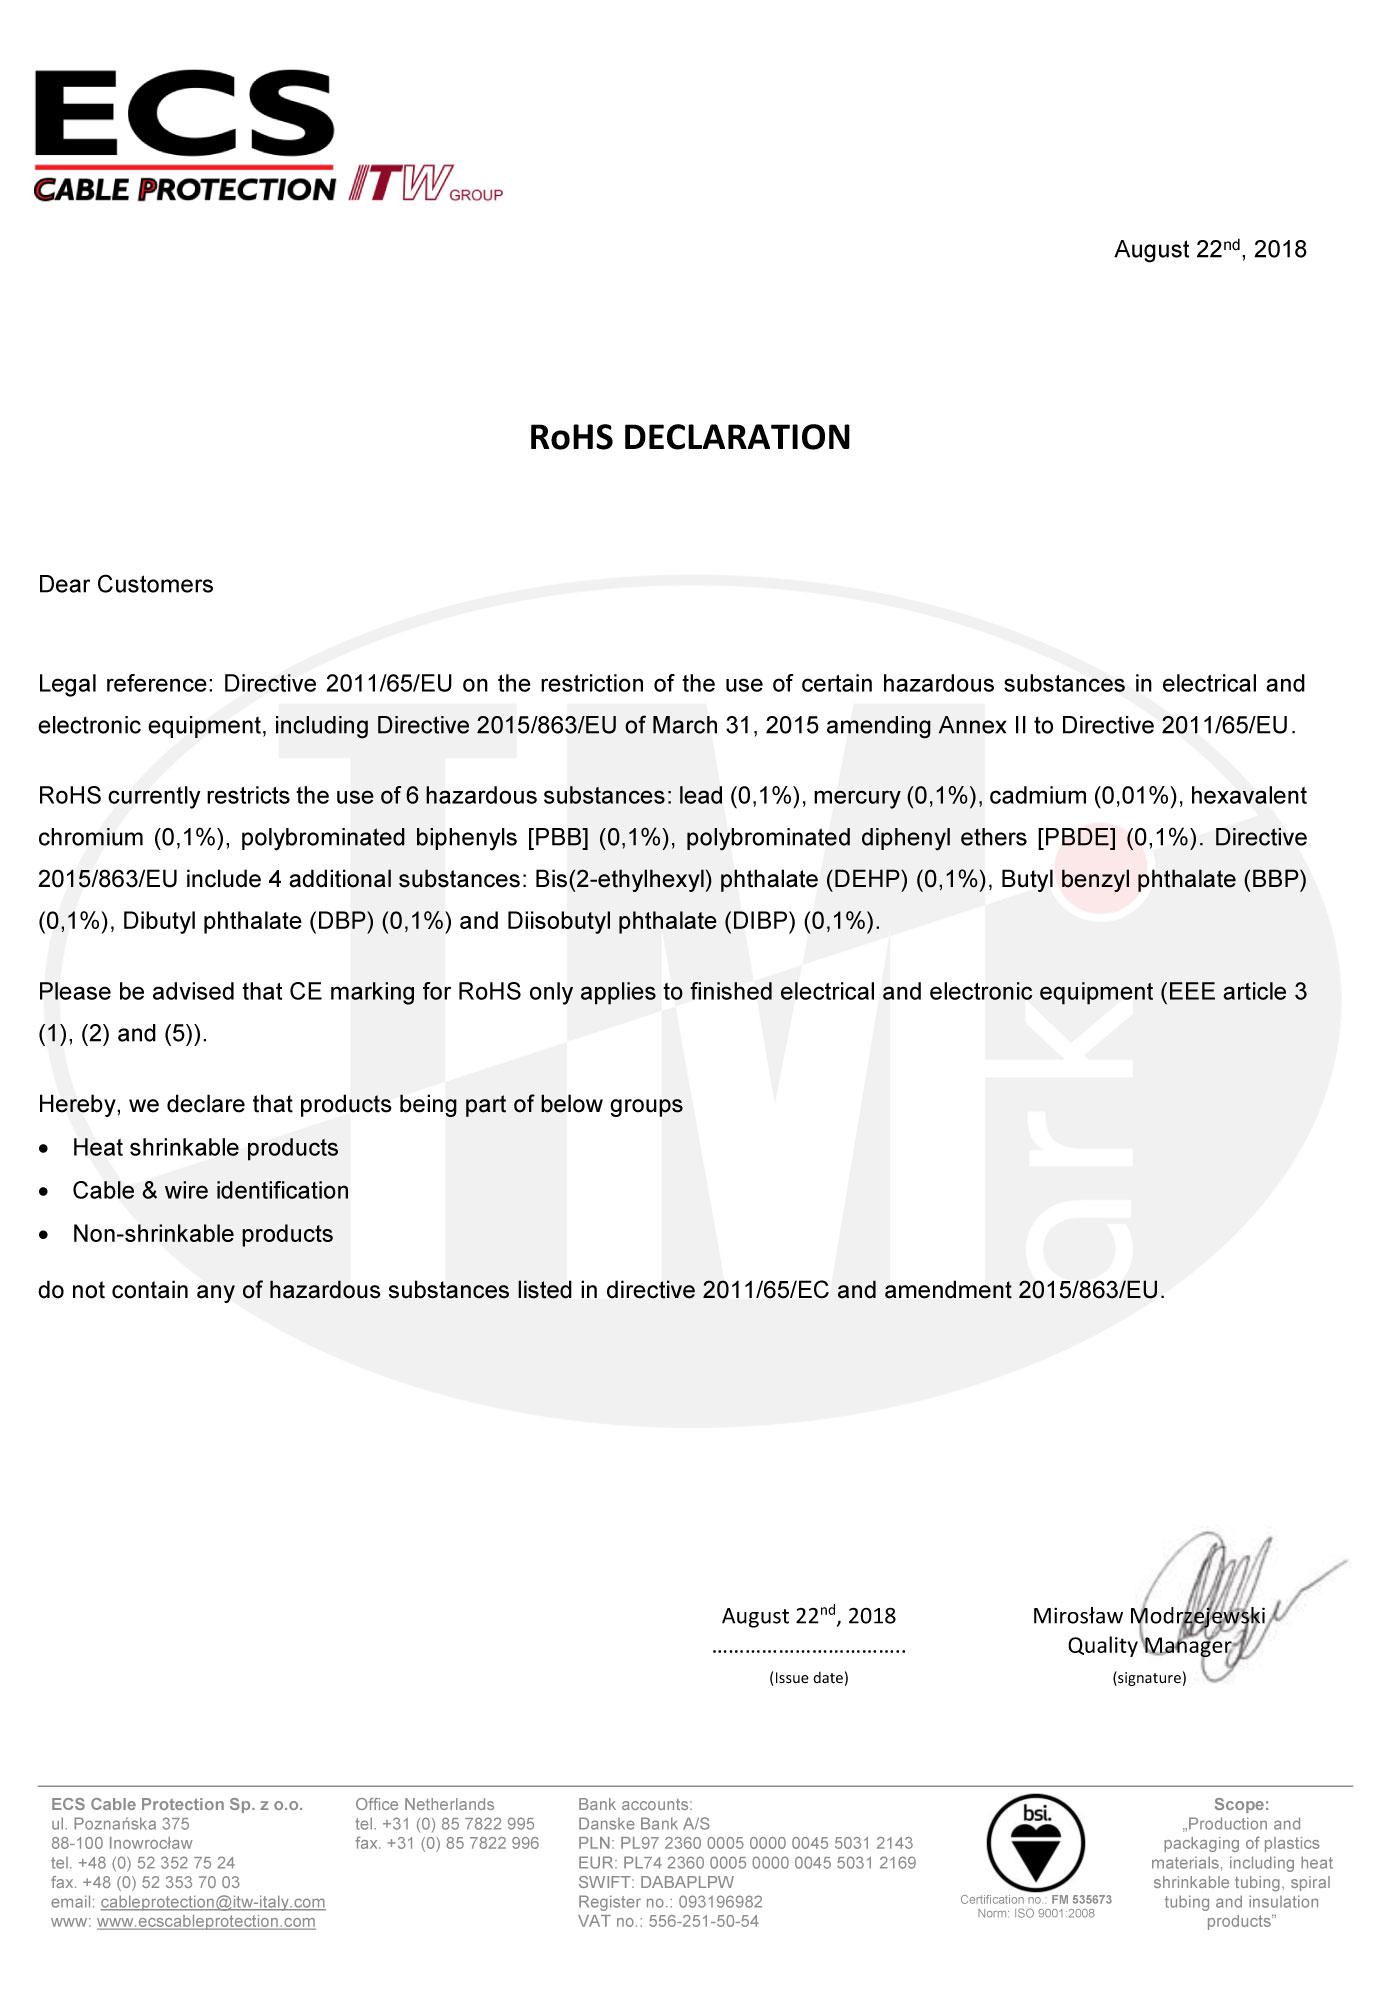 Сертификат RoHS для ECS Cable Protection